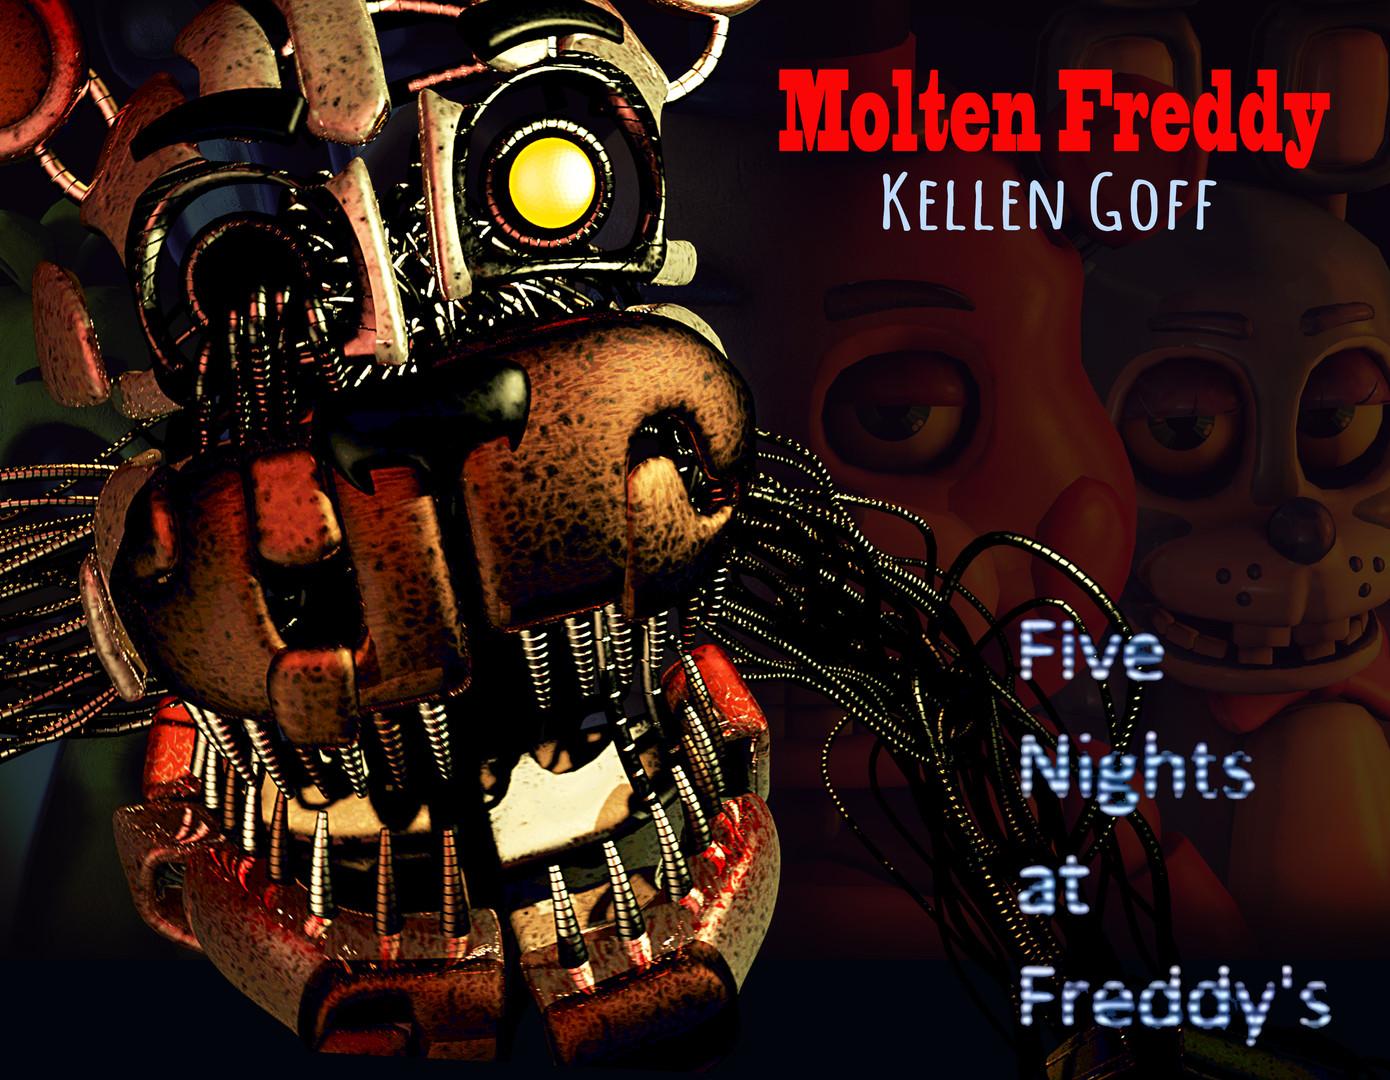 Kellen Goff - Voice Actor